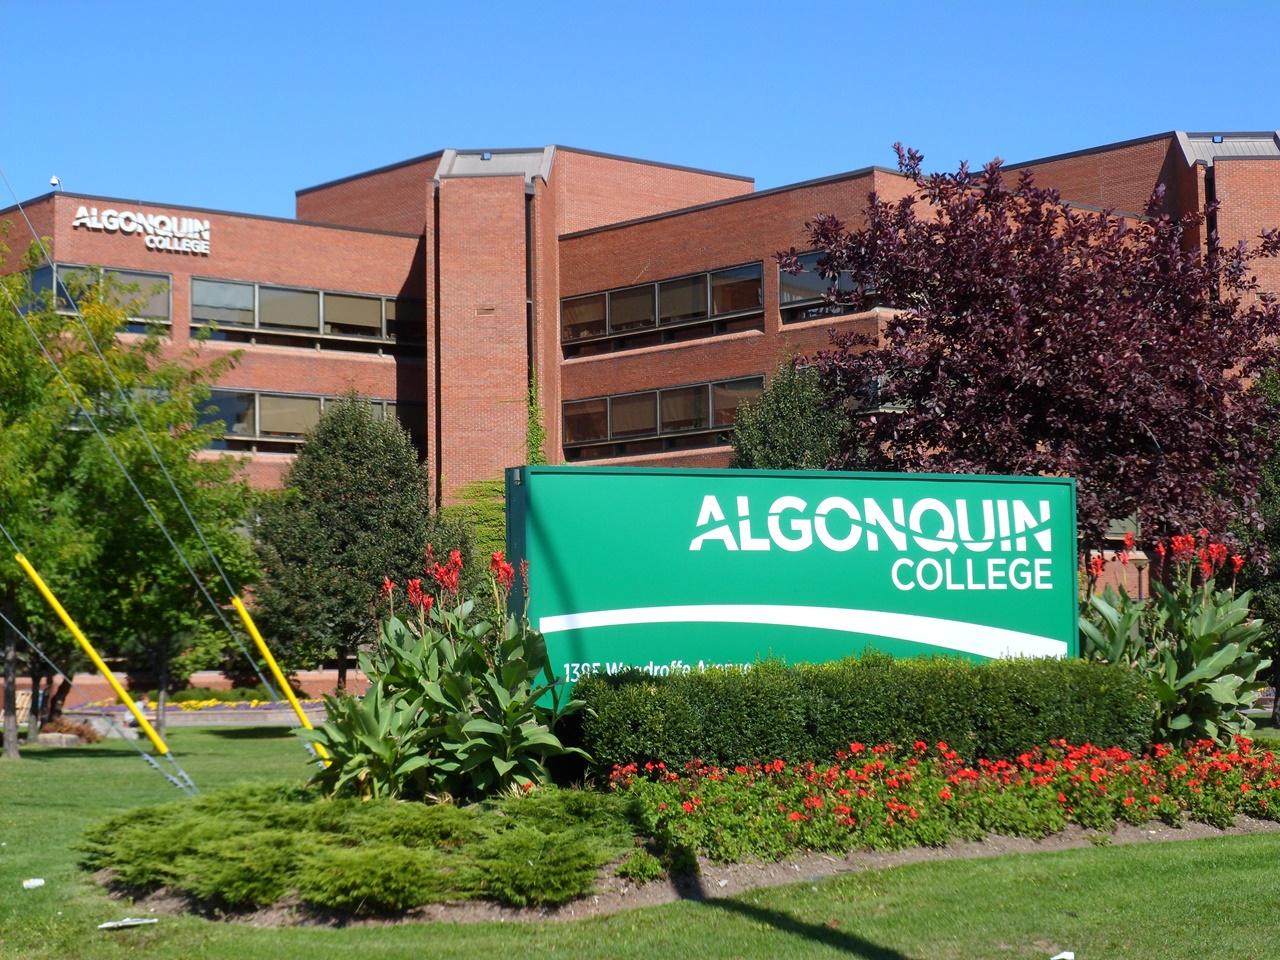 cao đẳng Algonquin